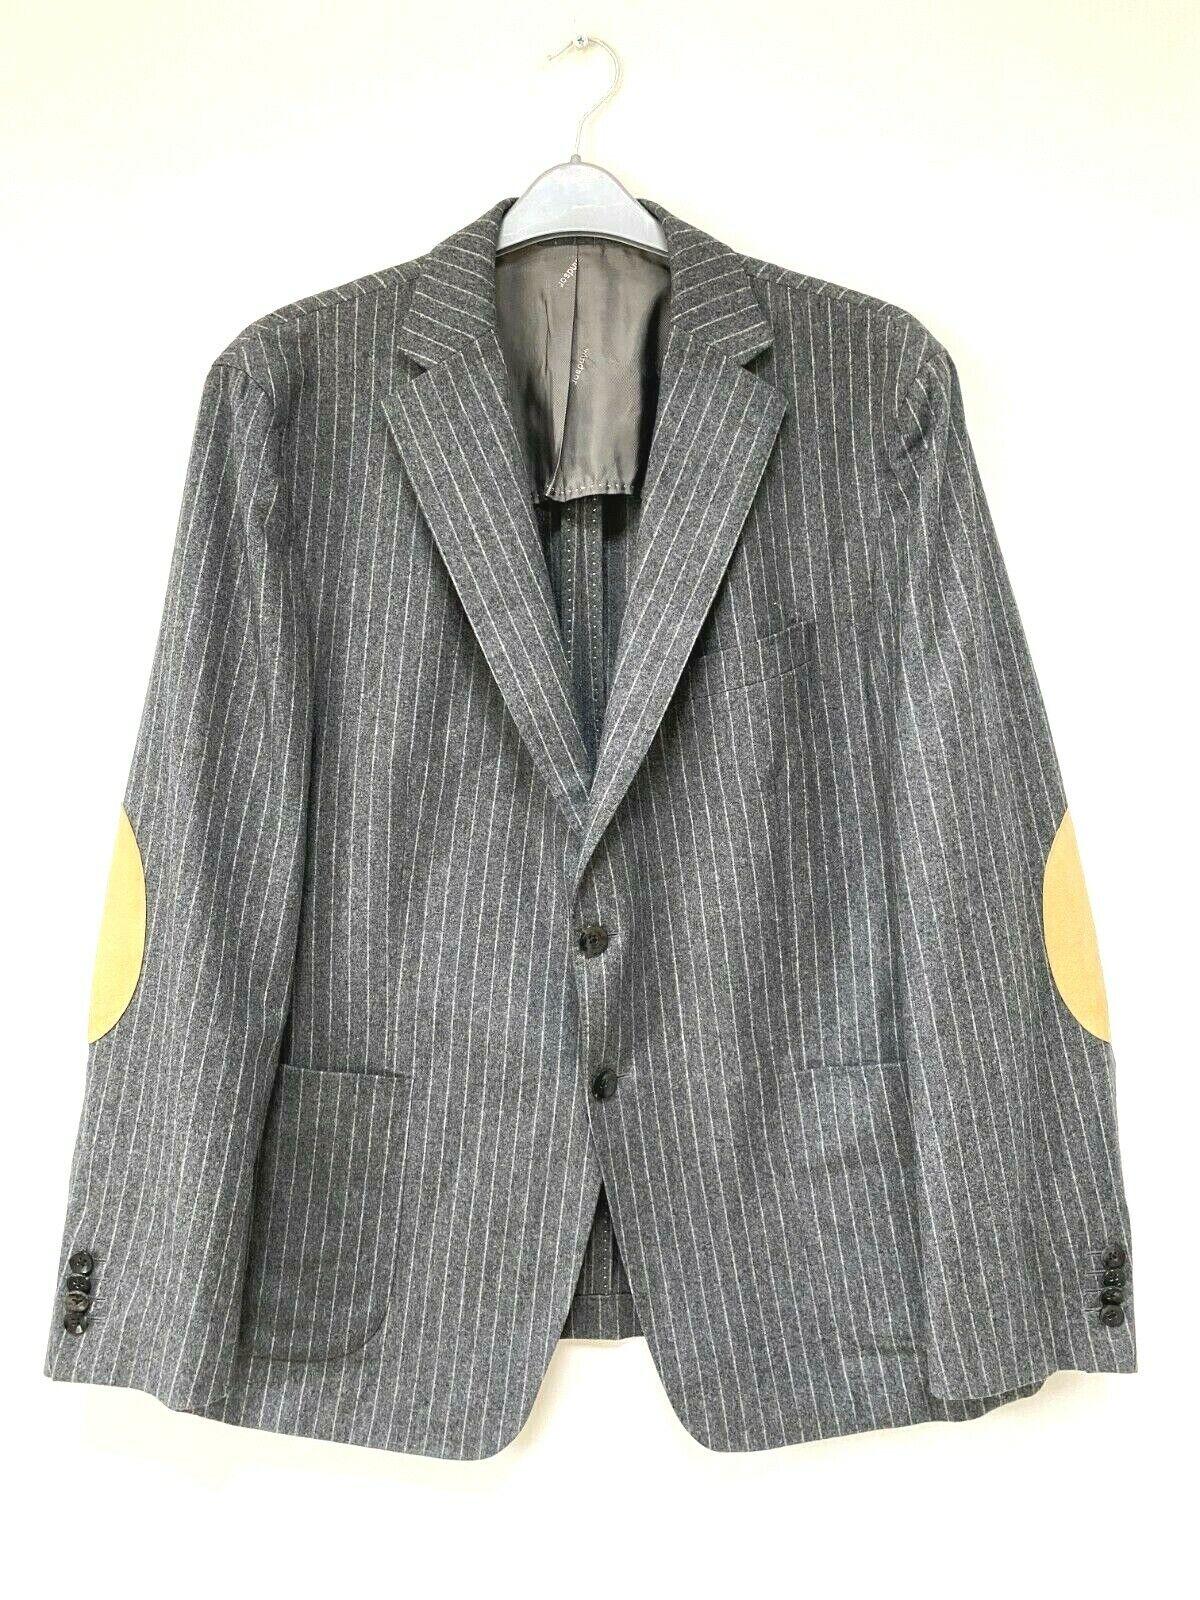 ! increíble! Windsor sastrería para Hombre Chaqueta Blazer de lana gris de rayas Talla EU54 UK44